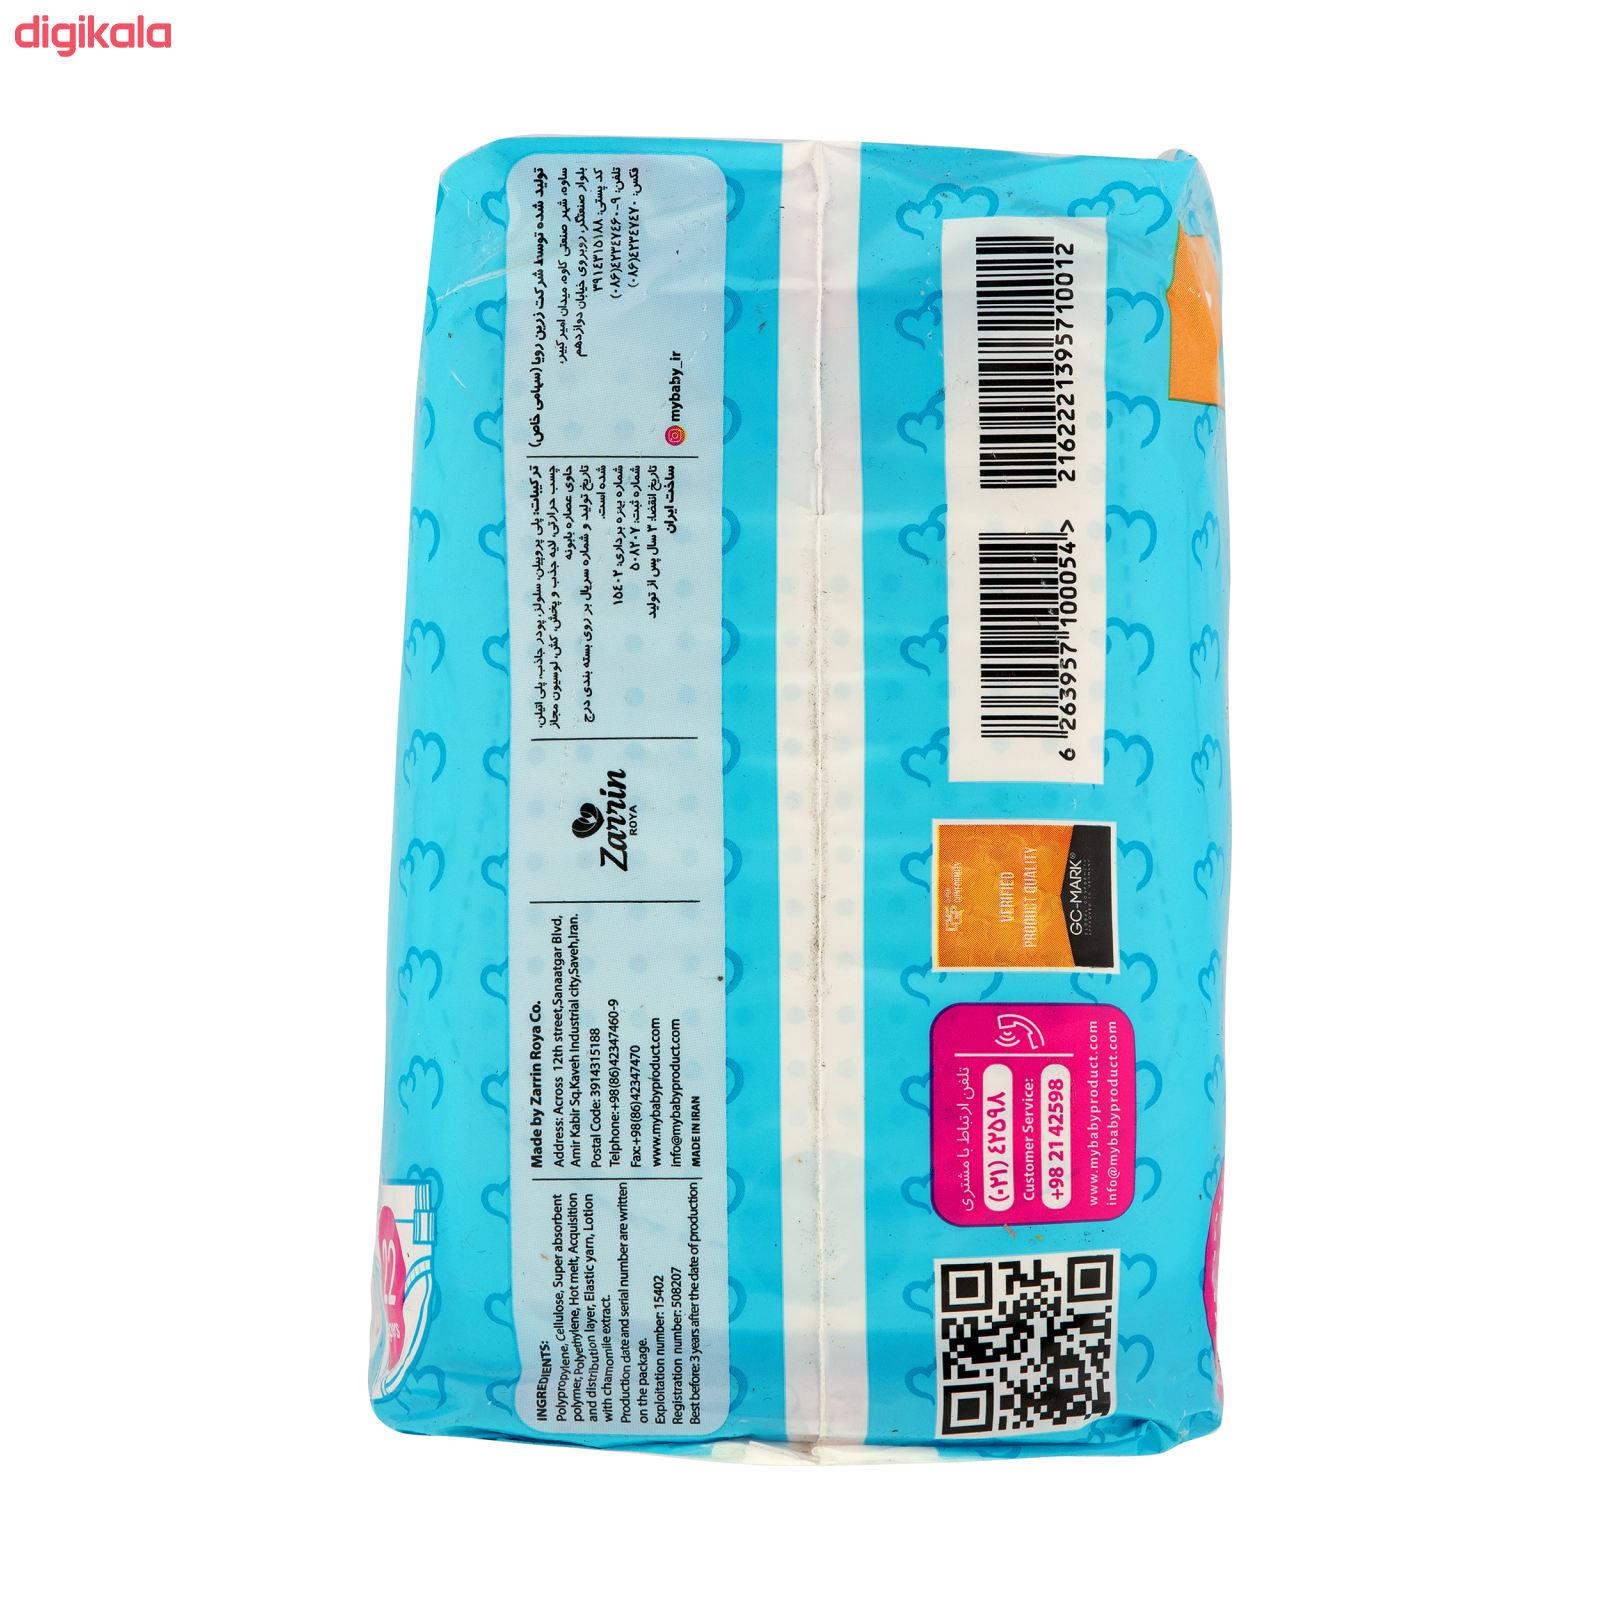 پوشک مای بیبی آبی سری مهربان با پوست سایز 0 بسته 22 عددی main 1 3